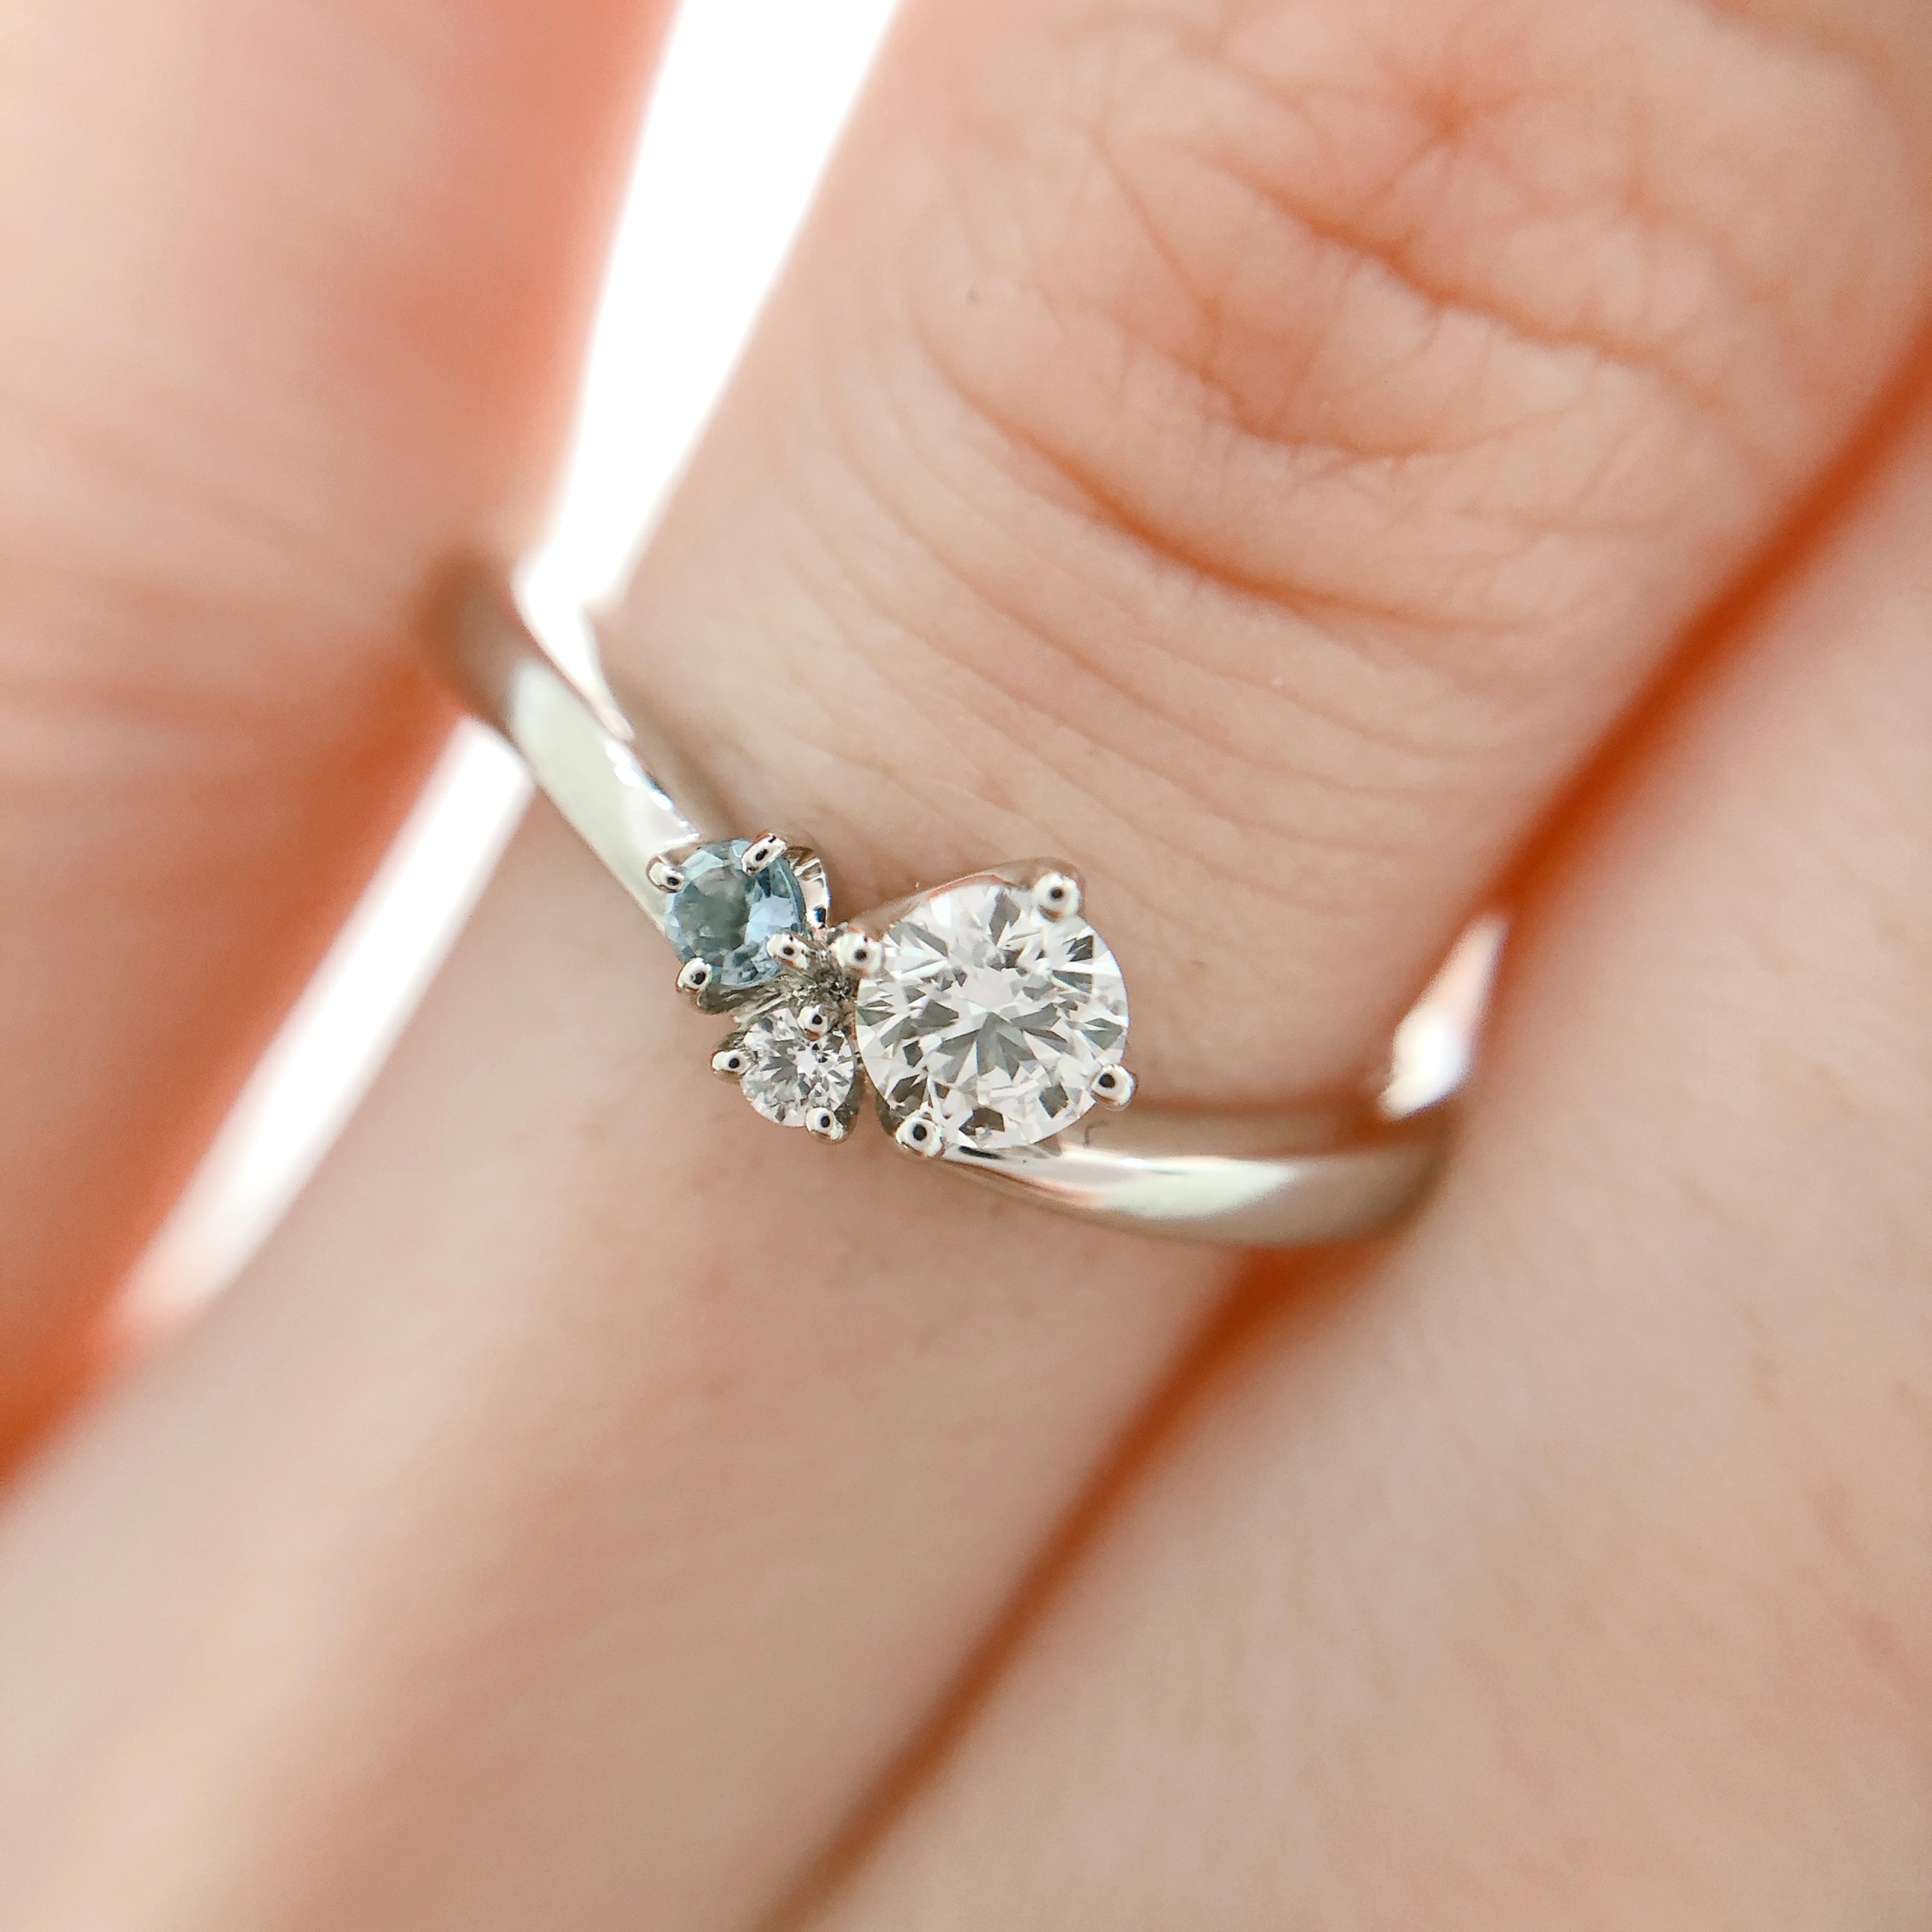 3石の大きさの違うダイヤモンドは他にはない個性的なデザイン